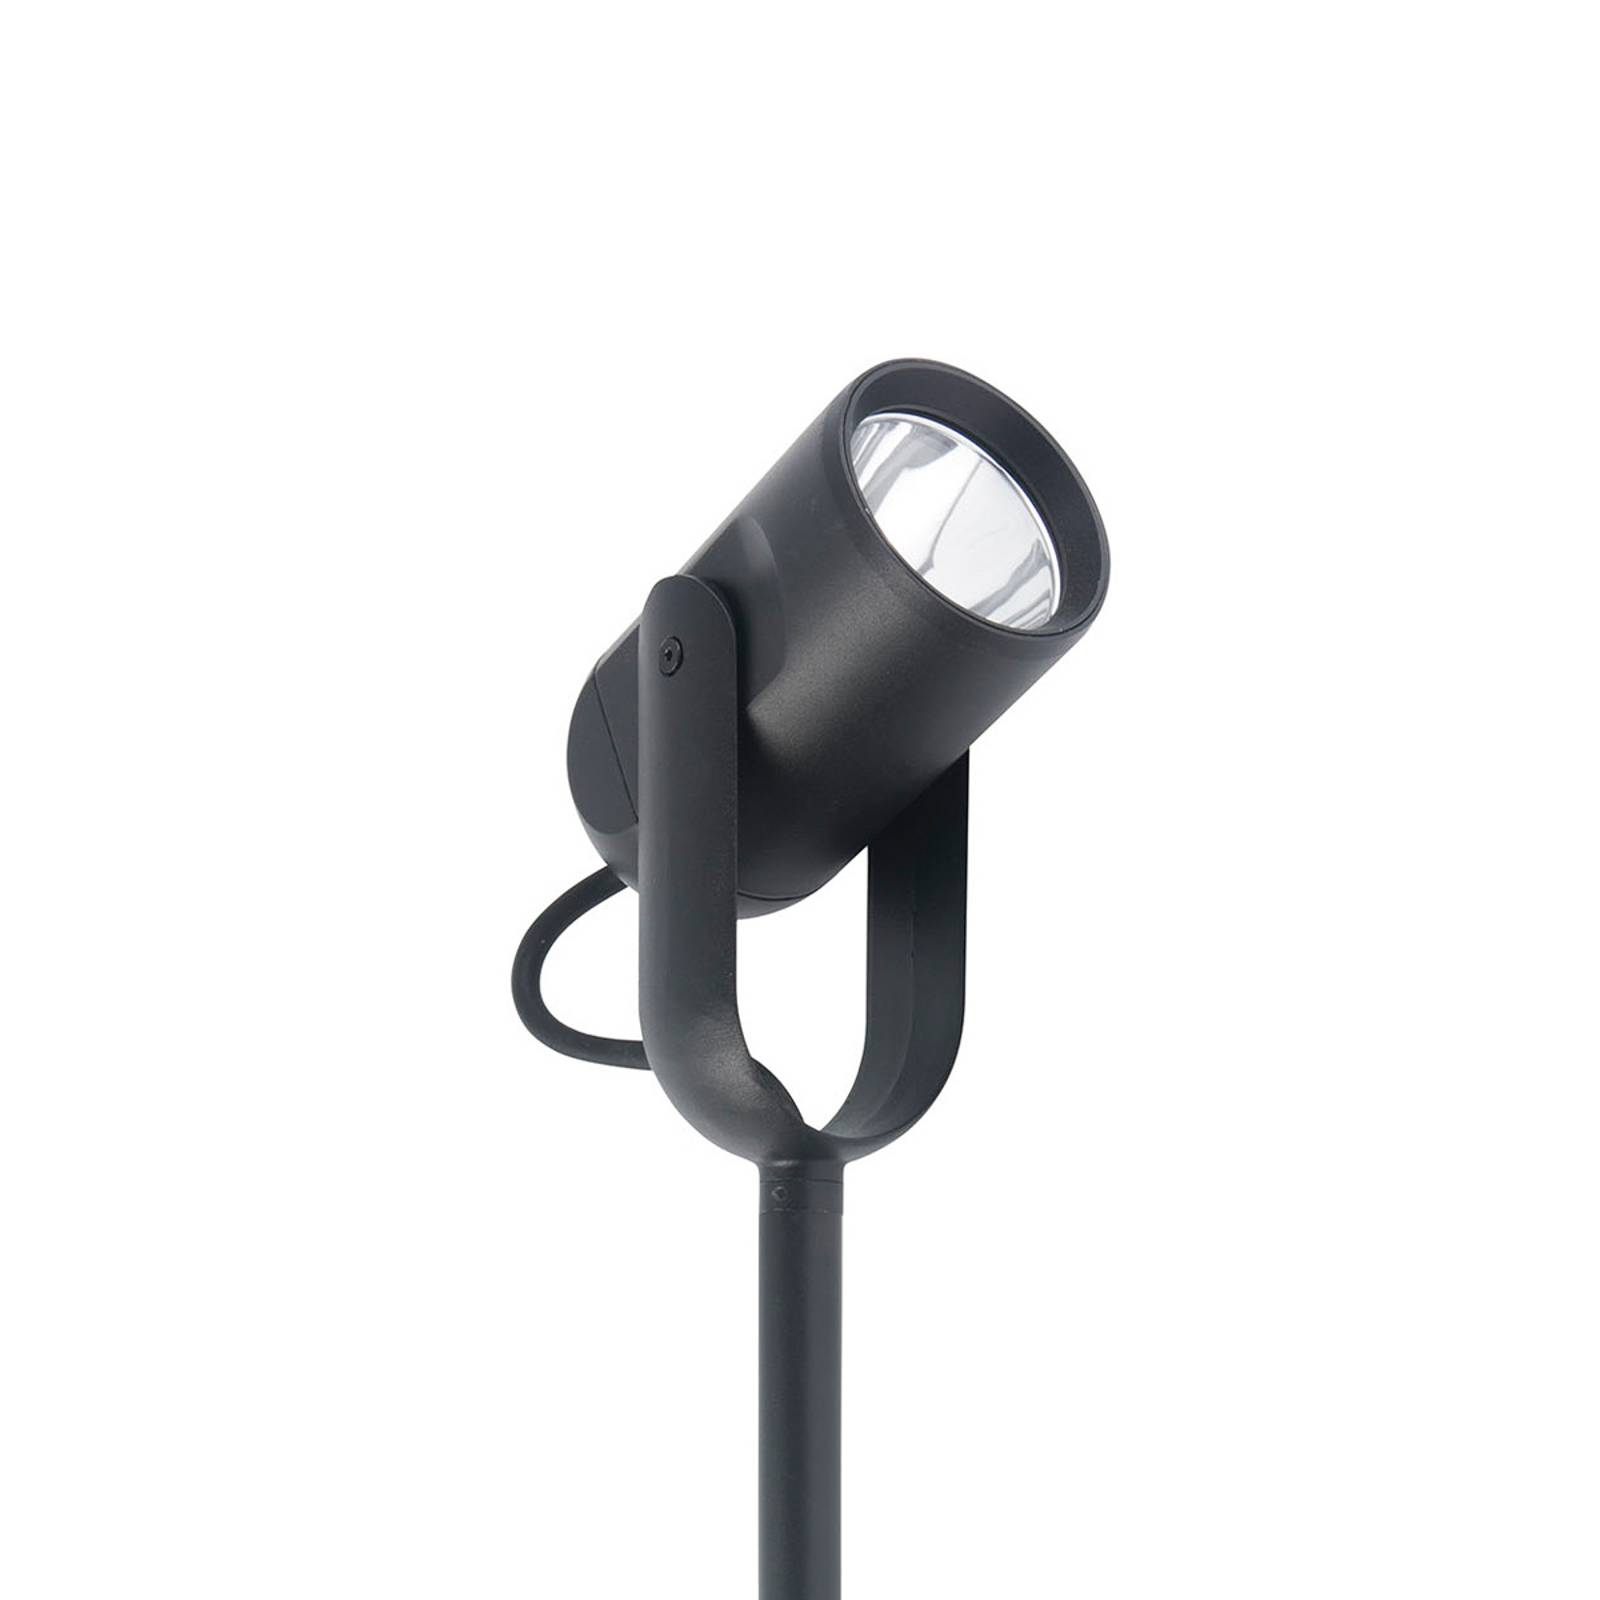 LED-ulkoseinäkohdevalo Slot, 50 cm